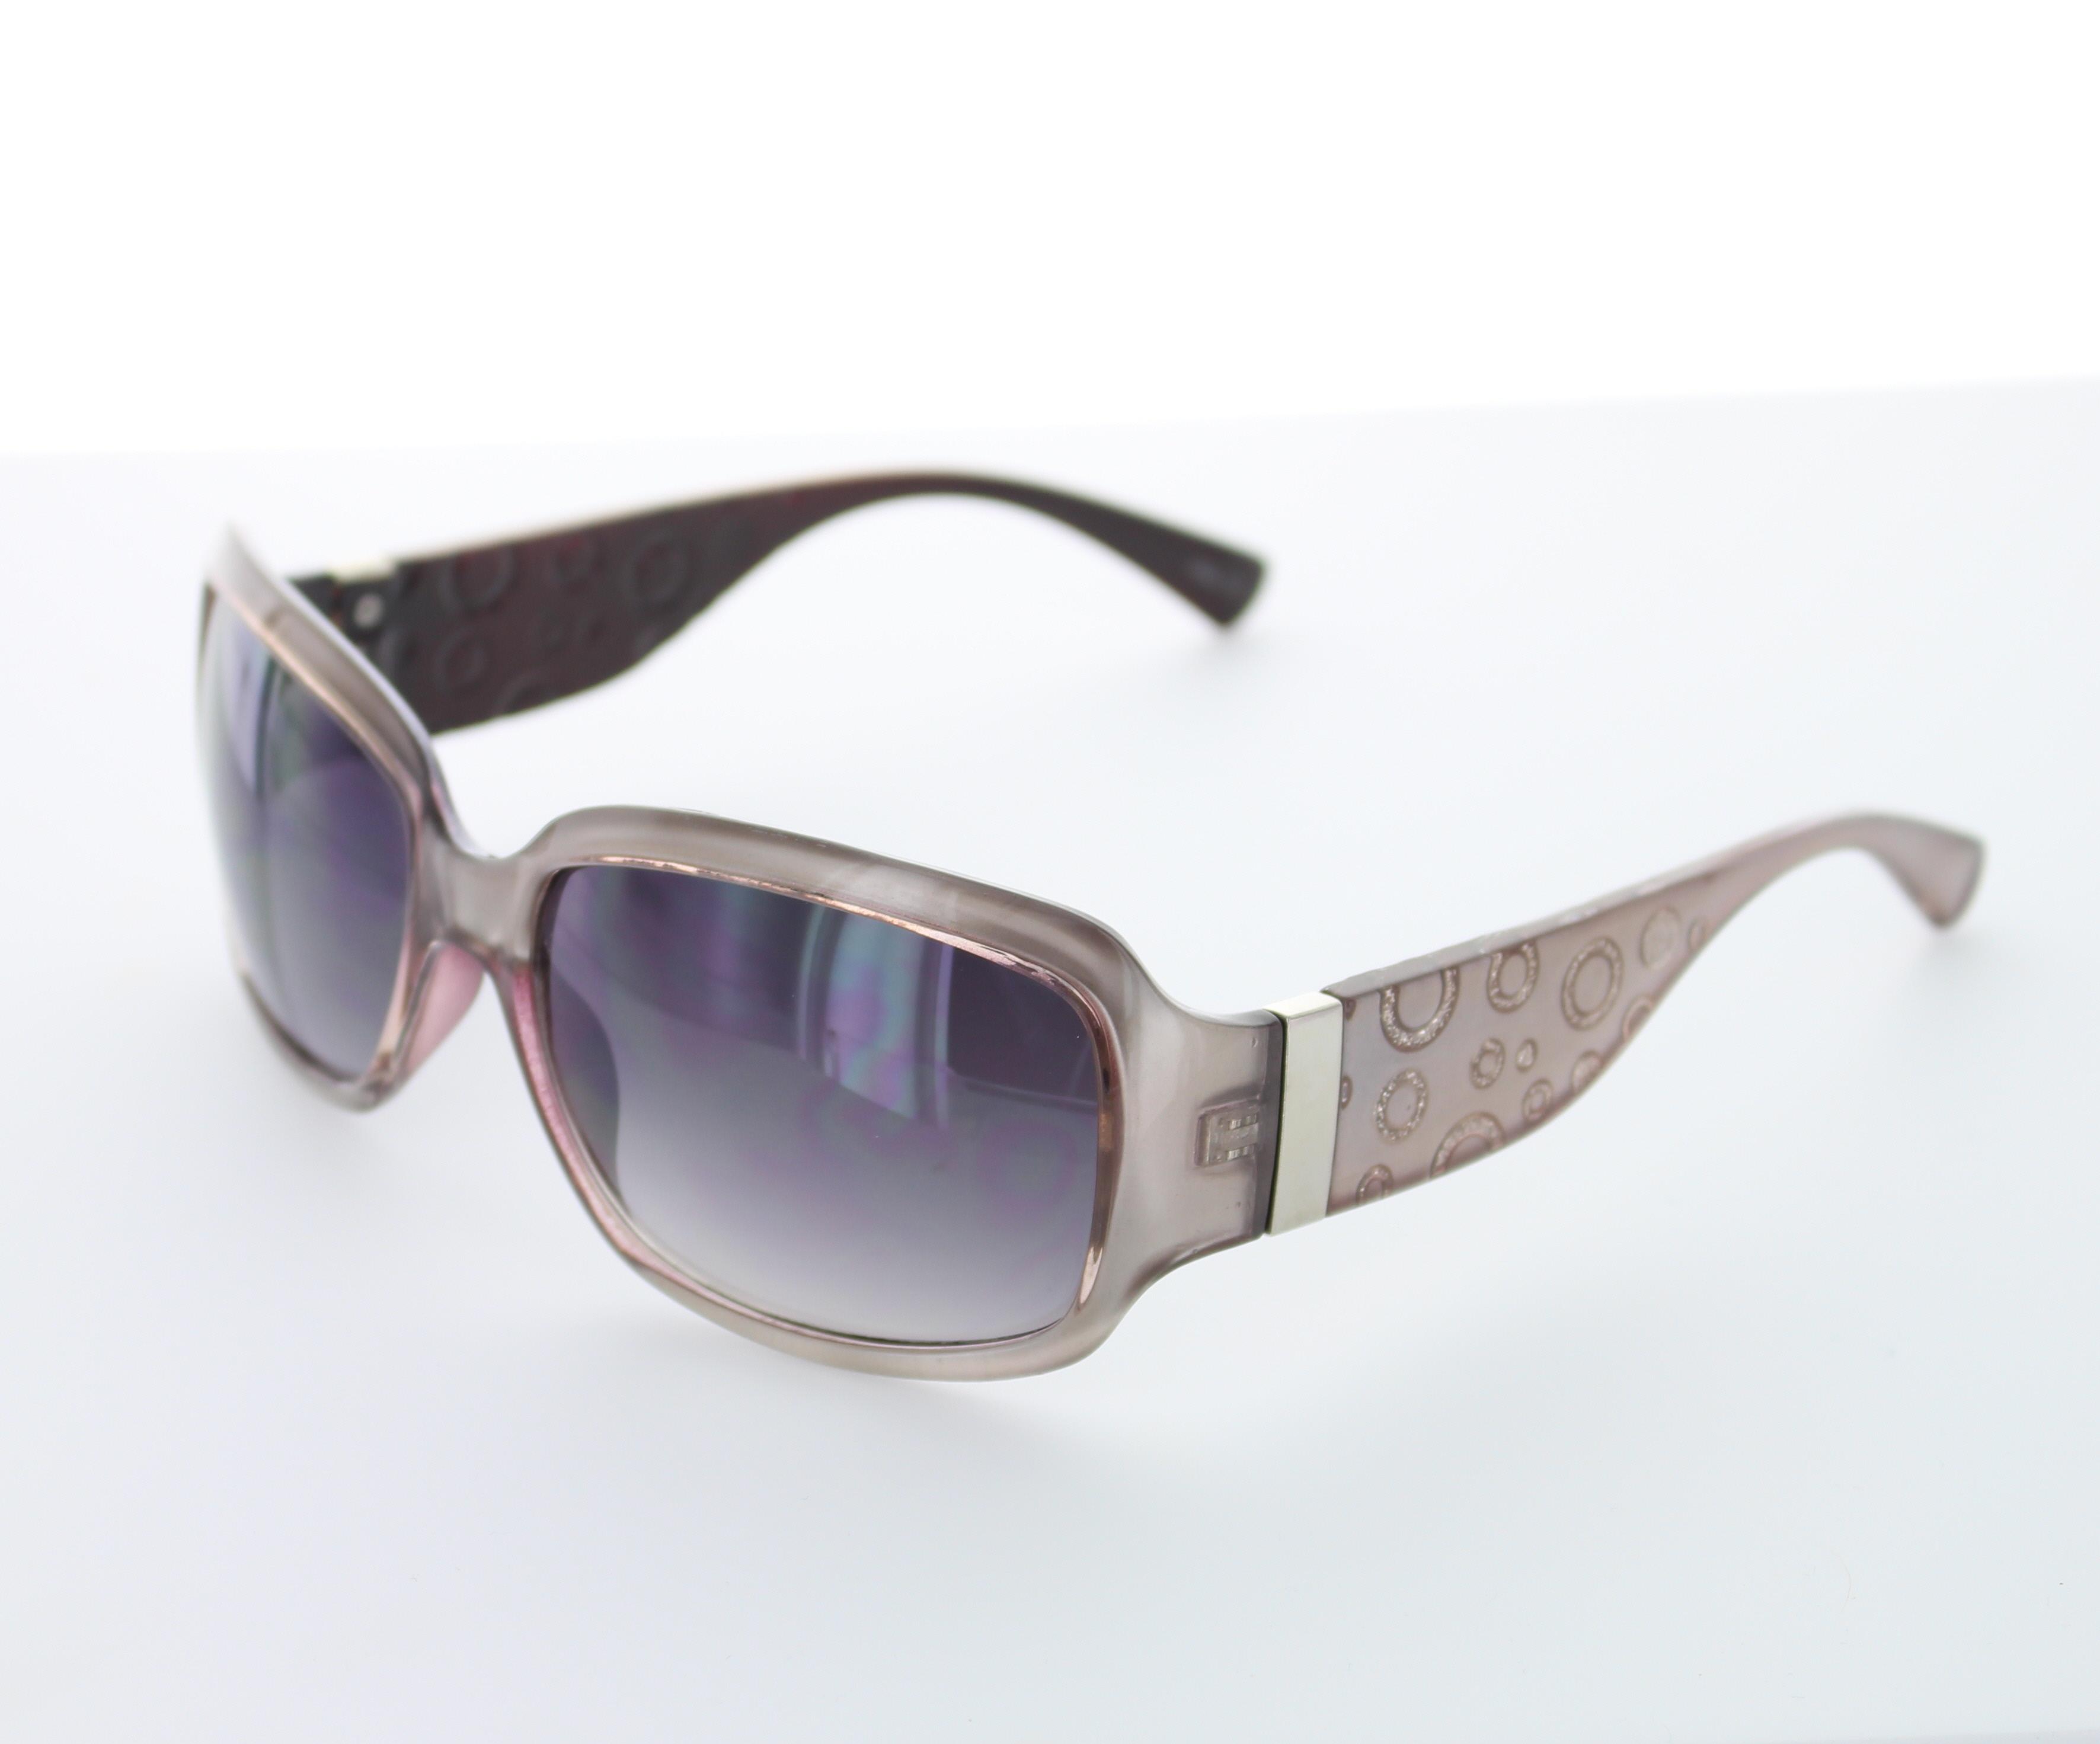 online shopping for sunglasses